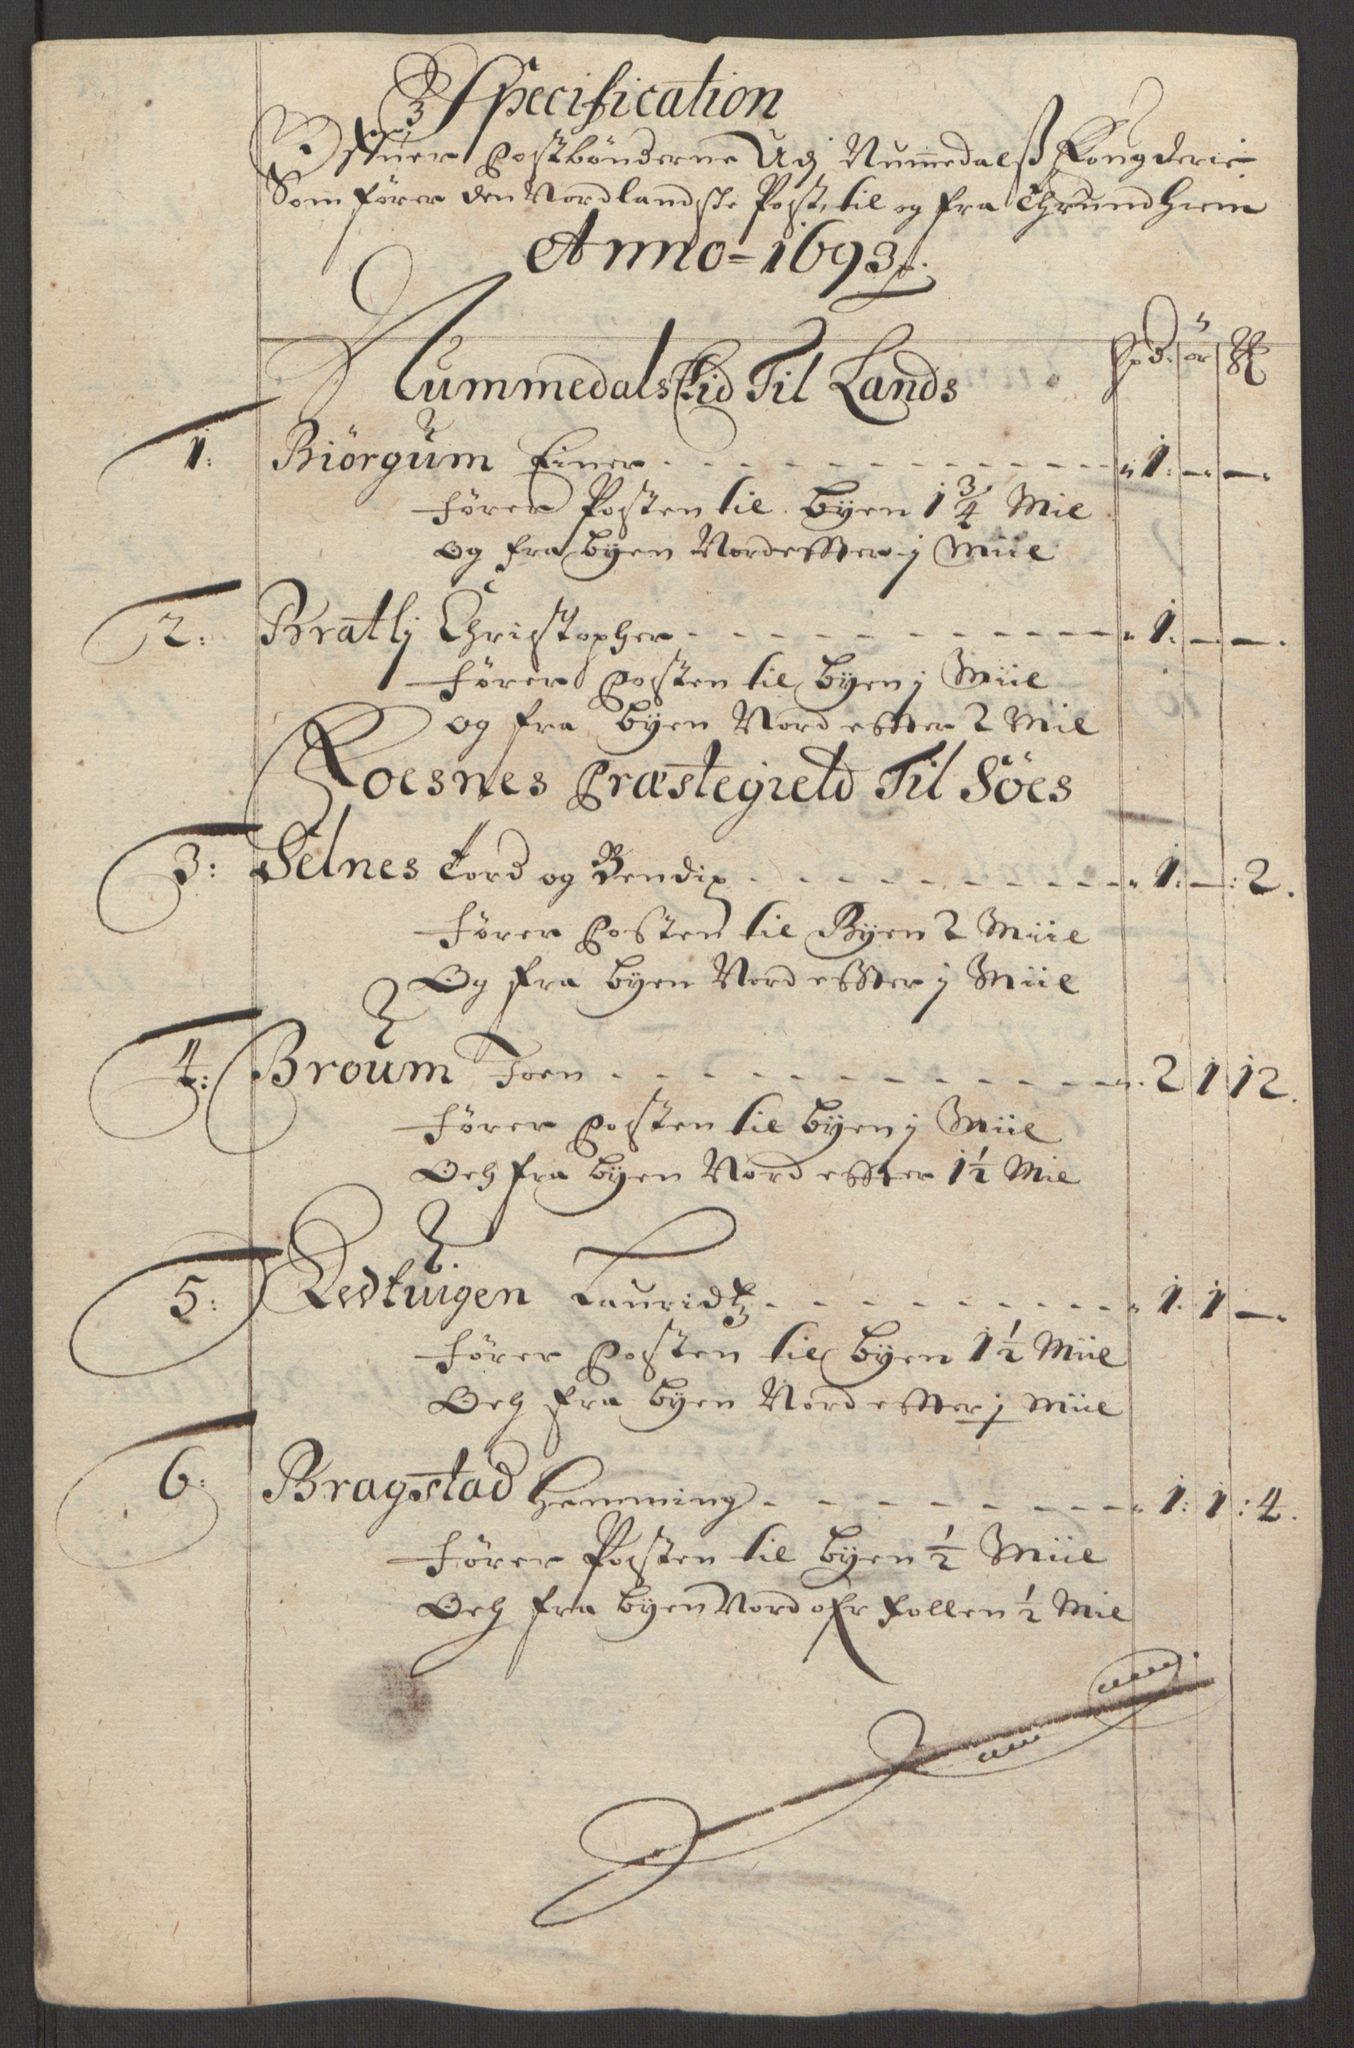 RA, Rentekammeret inntil 1814, Reviderte regnskaper, Fogderegnskap, R64/L4424: Fogderegnskap Namdal, 1692-1695, s. 316